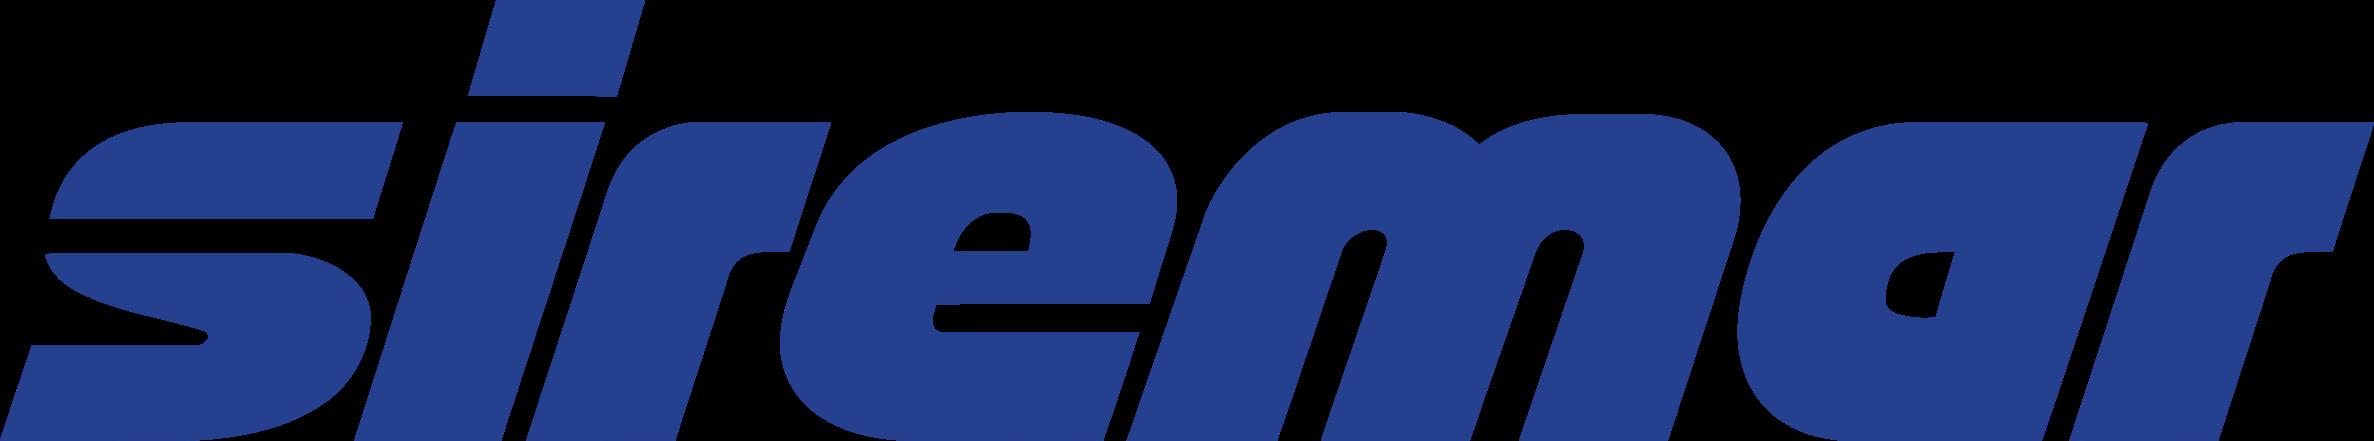 Logo_Siremar